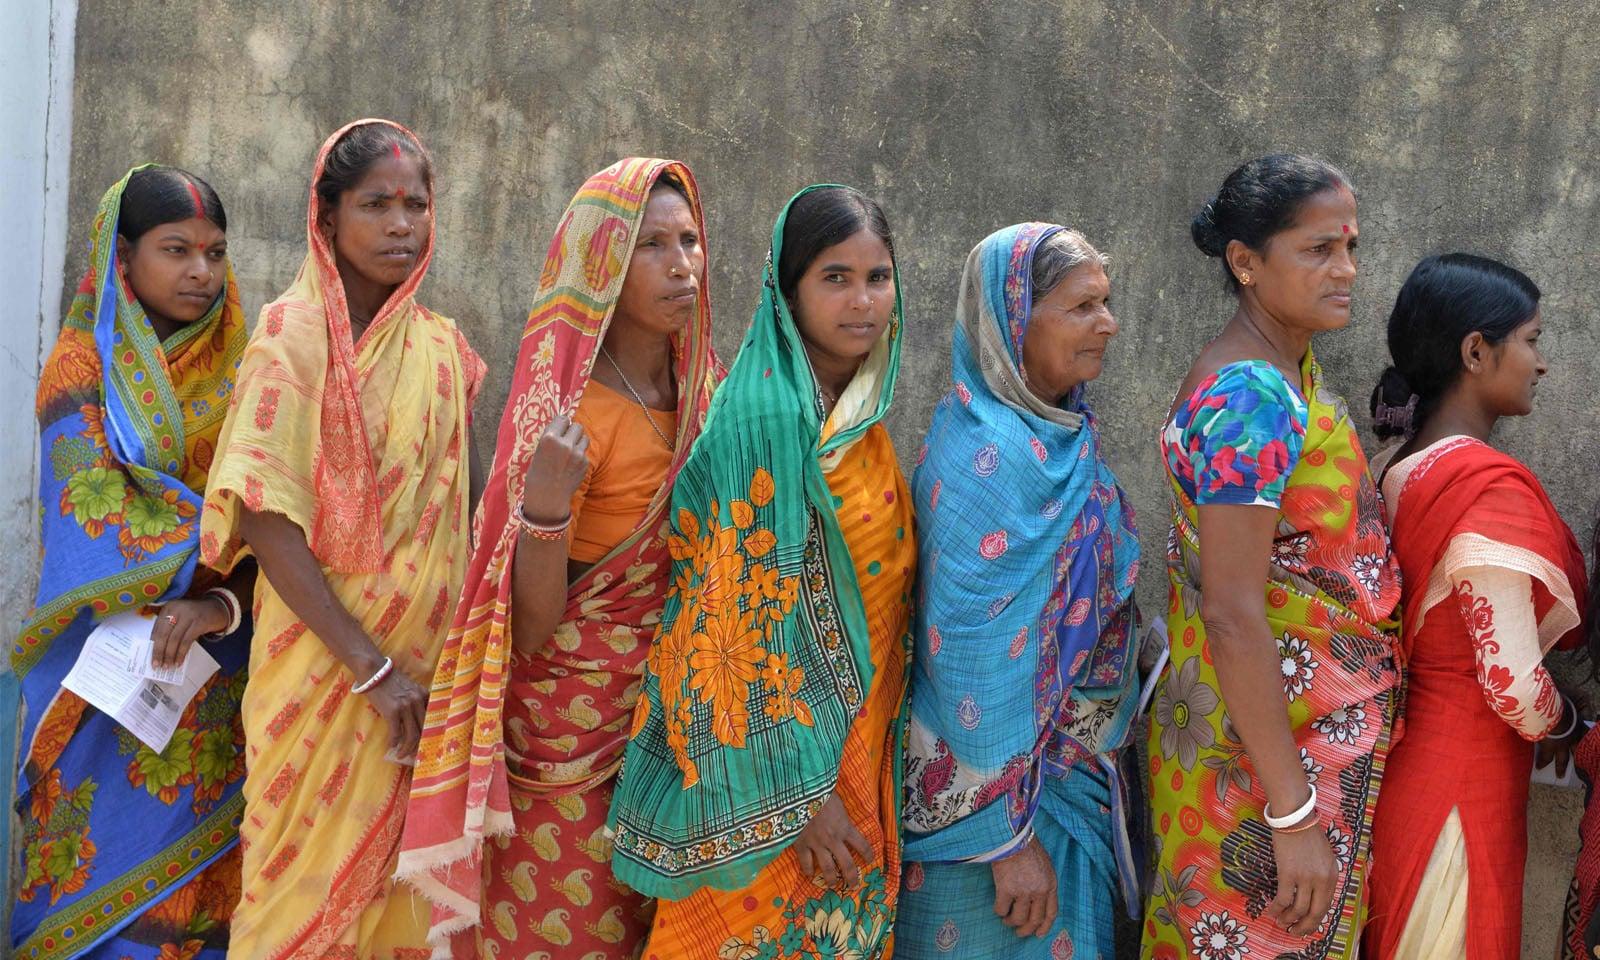 مالڈا میں خواتین ووٹ ڈالنے کے لیے اپنی باری کا انتظار کررہی ہیں —فوٹو/ اے ایف پی